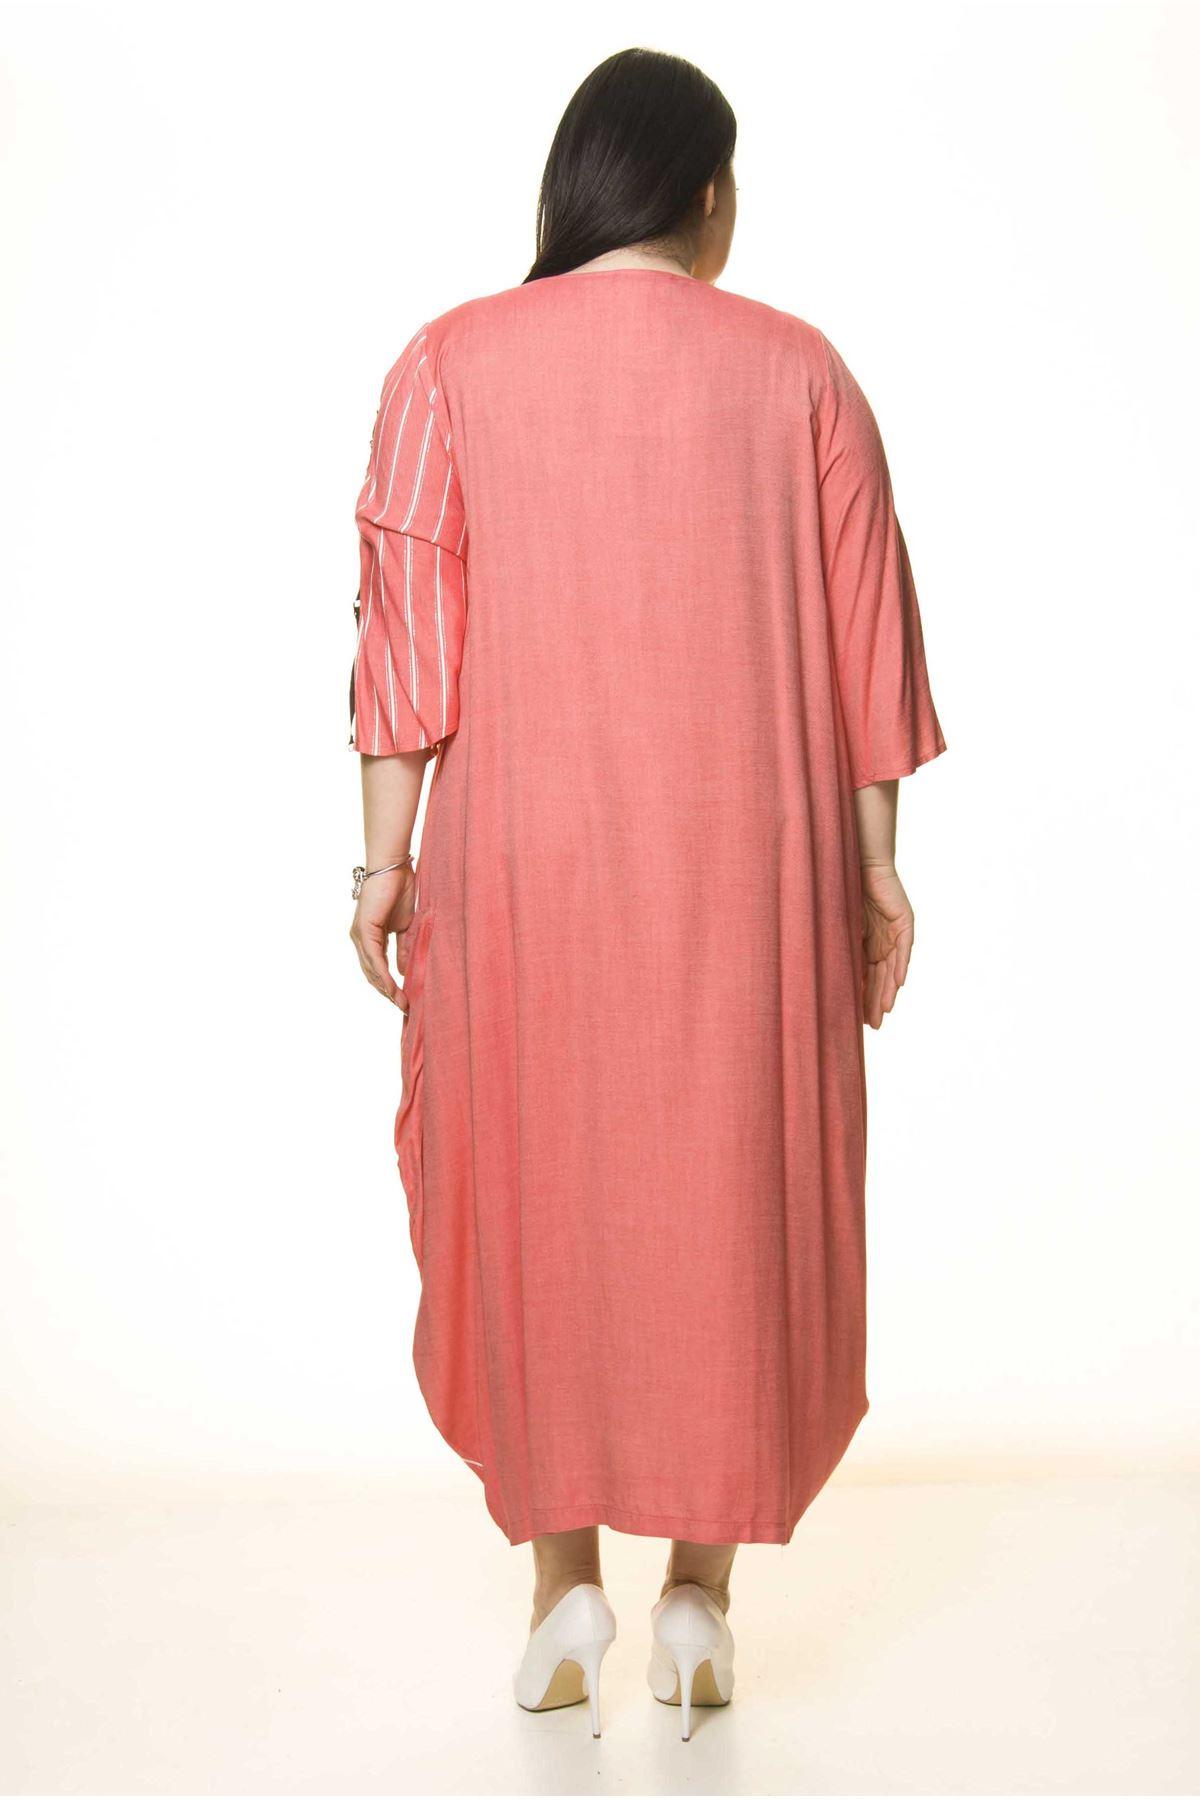 Cepli Büyük Beden Tarz Elbise G10-1666